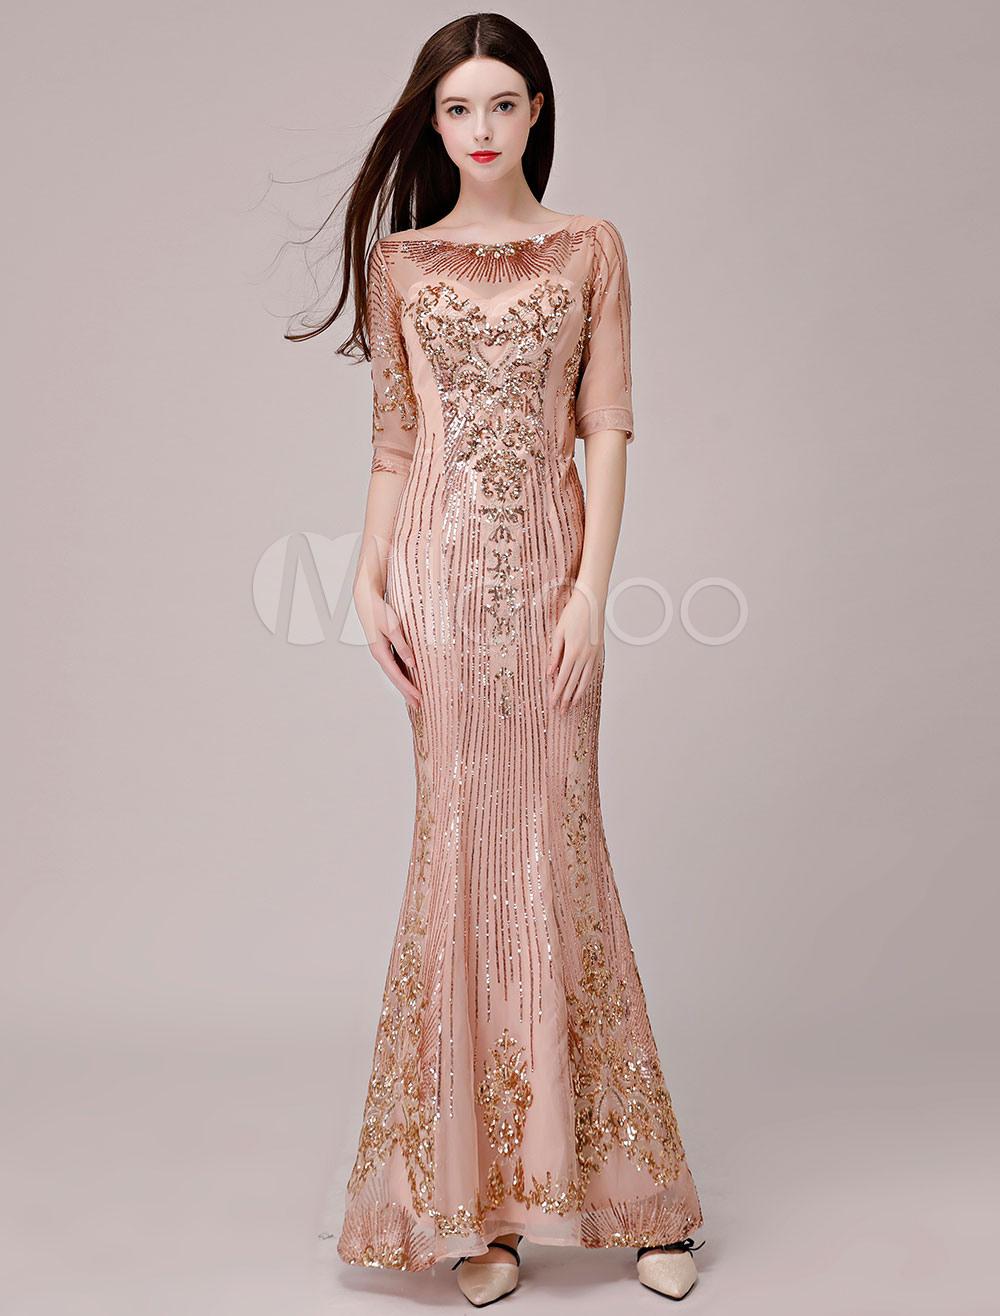 Abend Luxurius Abendkleider Pailletten BoutiqueAbend Luxurius Abendkleider Pailletten Design